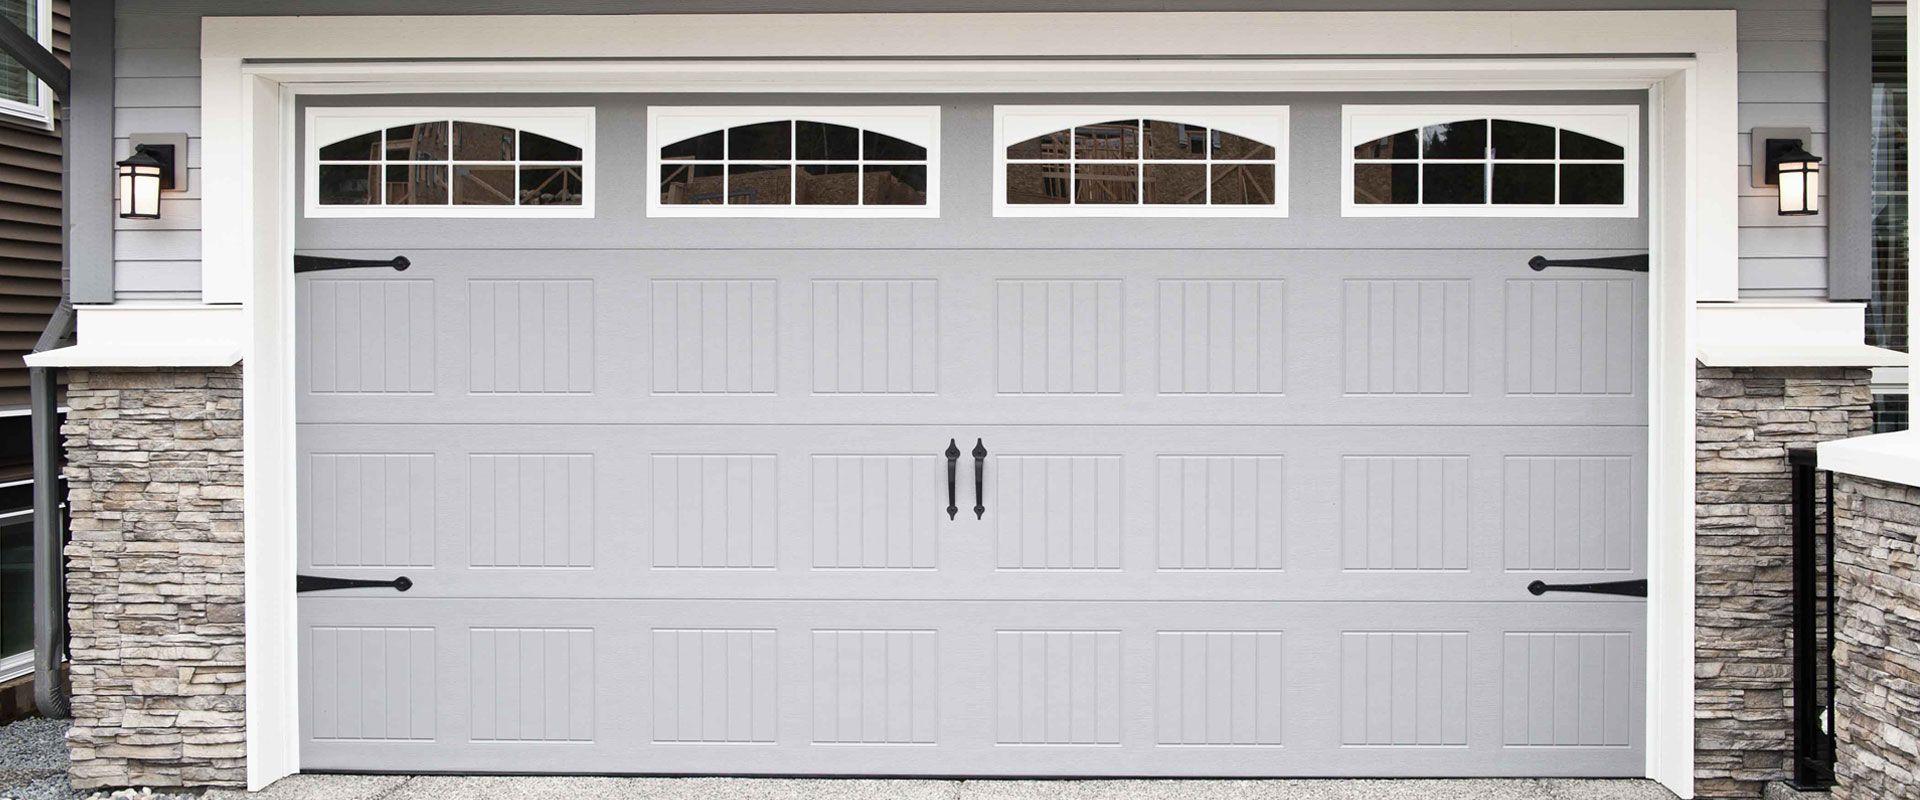 How To Repair A Garage Door Opener Garage Door Opener Repair Garage Door Opener Remote Chamberlain Garage Door Opener